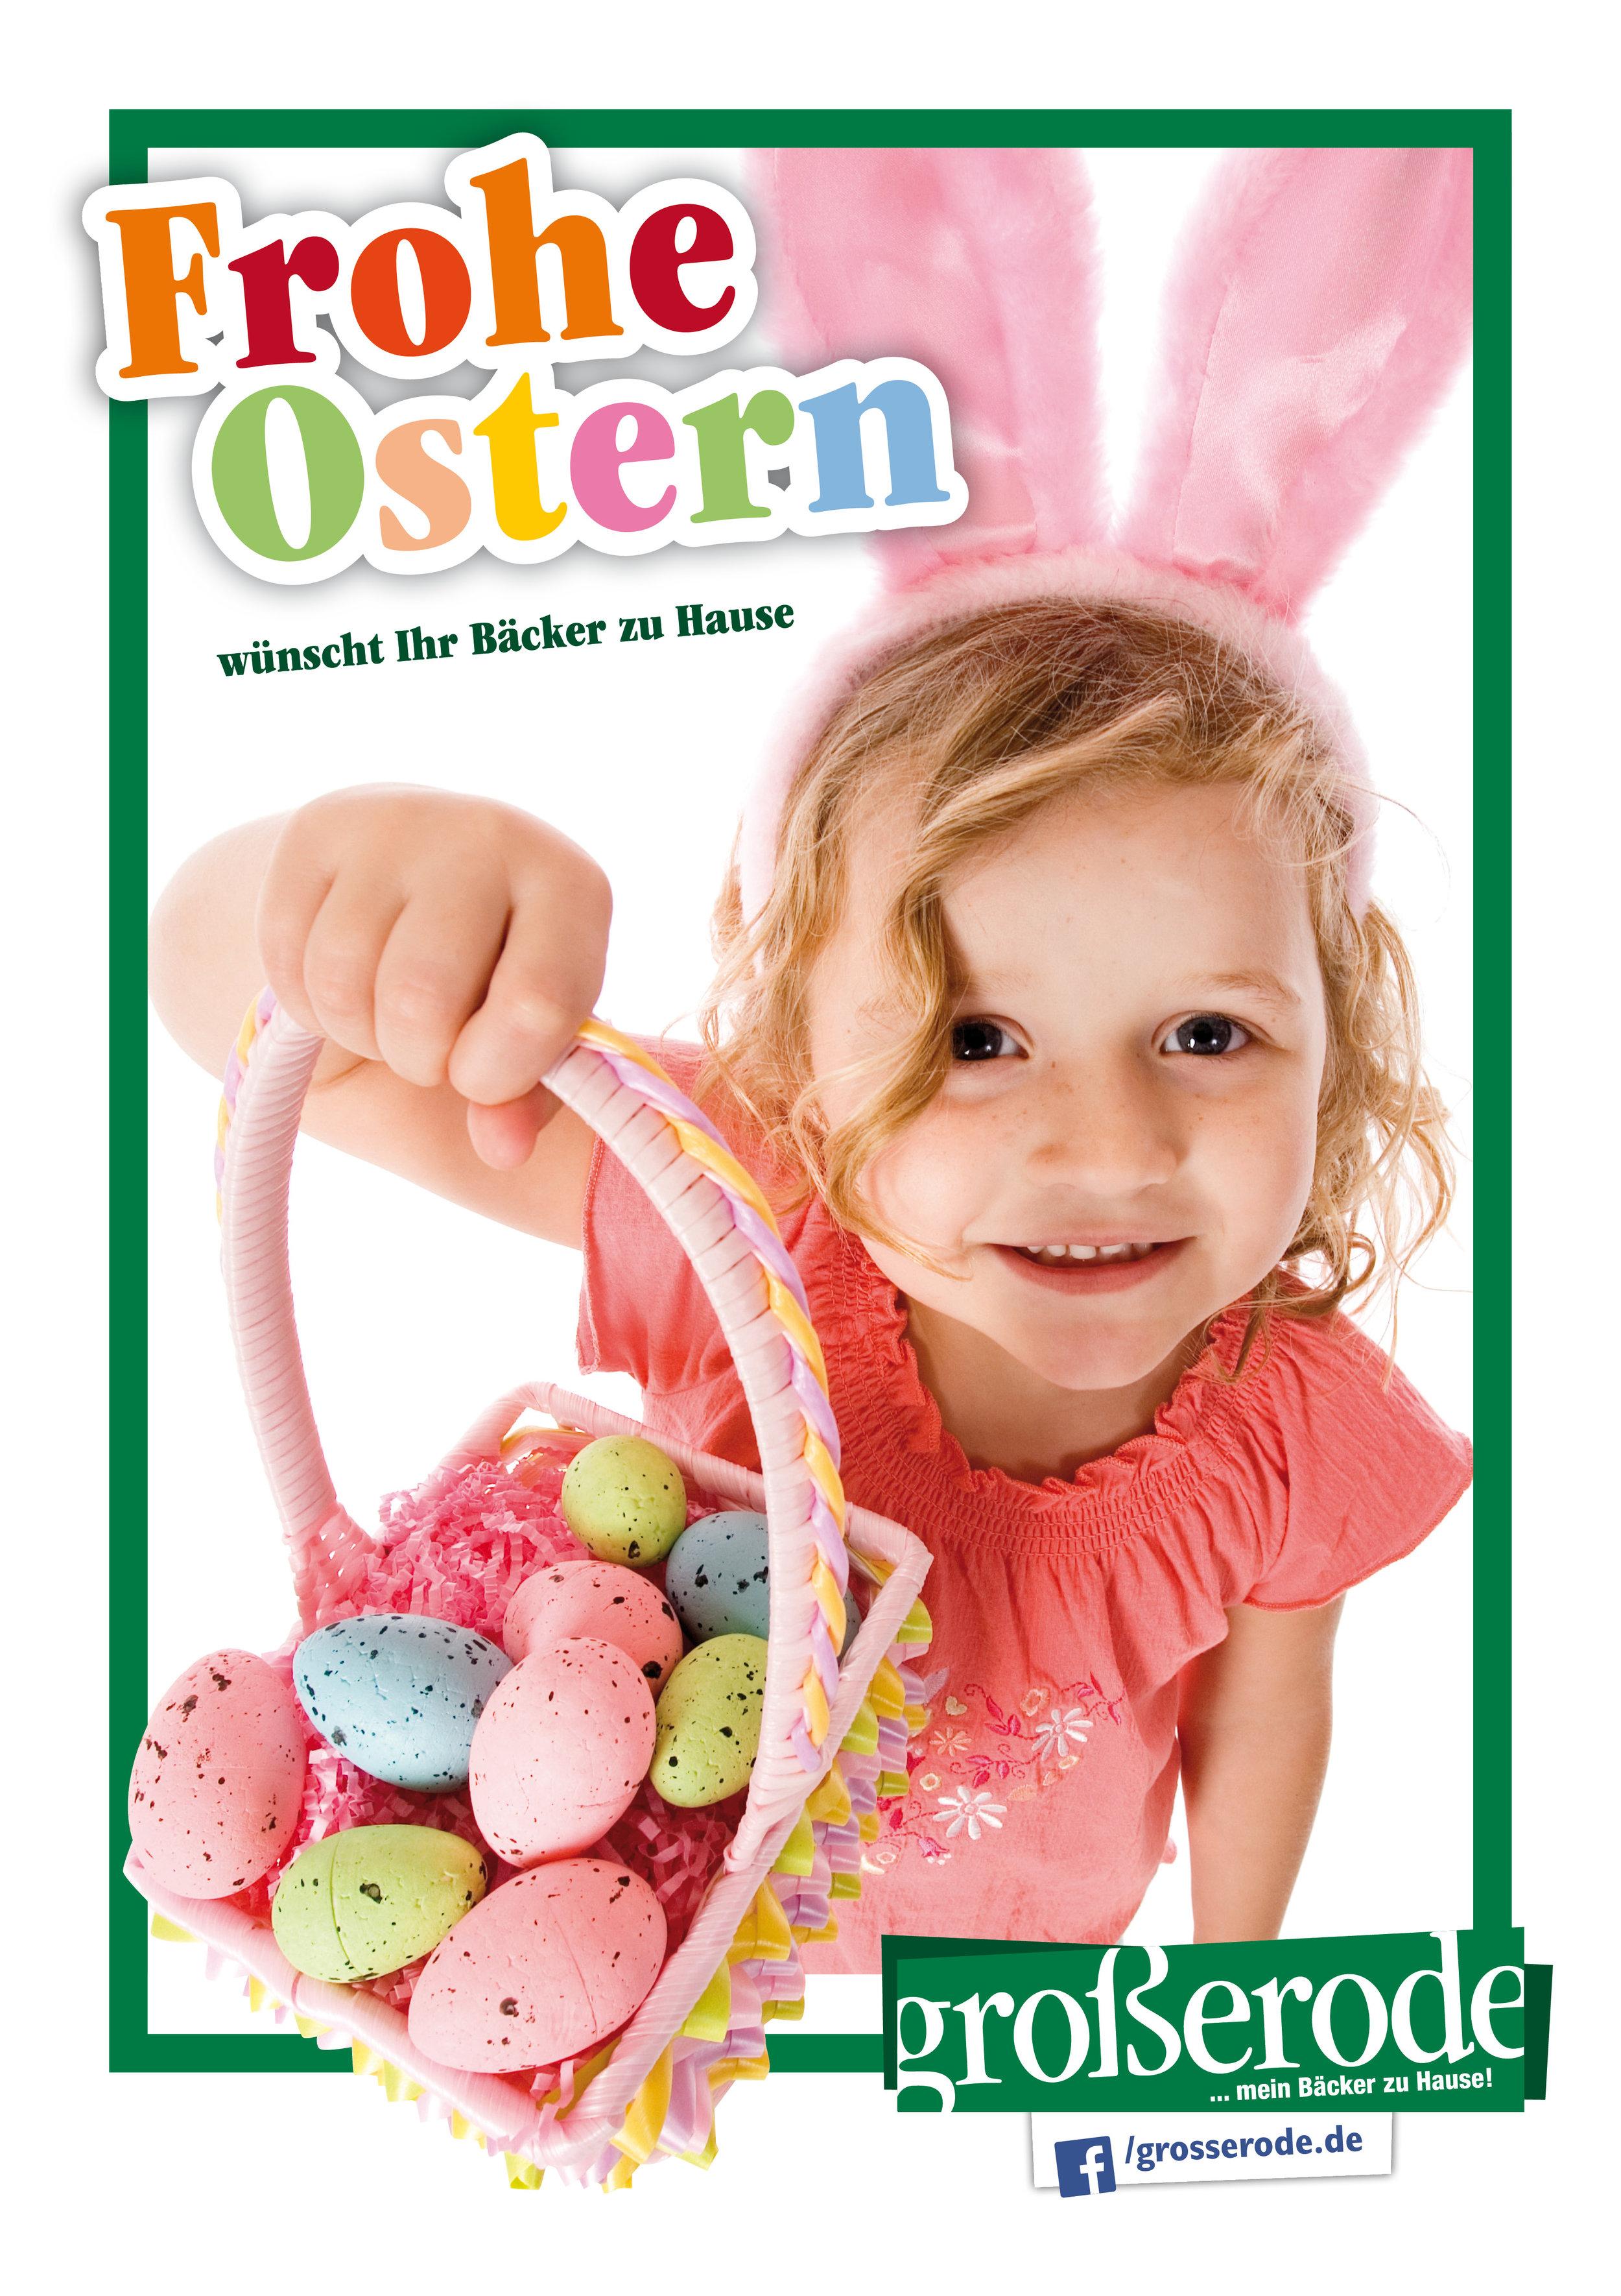 20180305_Grosserode_Ostern_Web.jpg